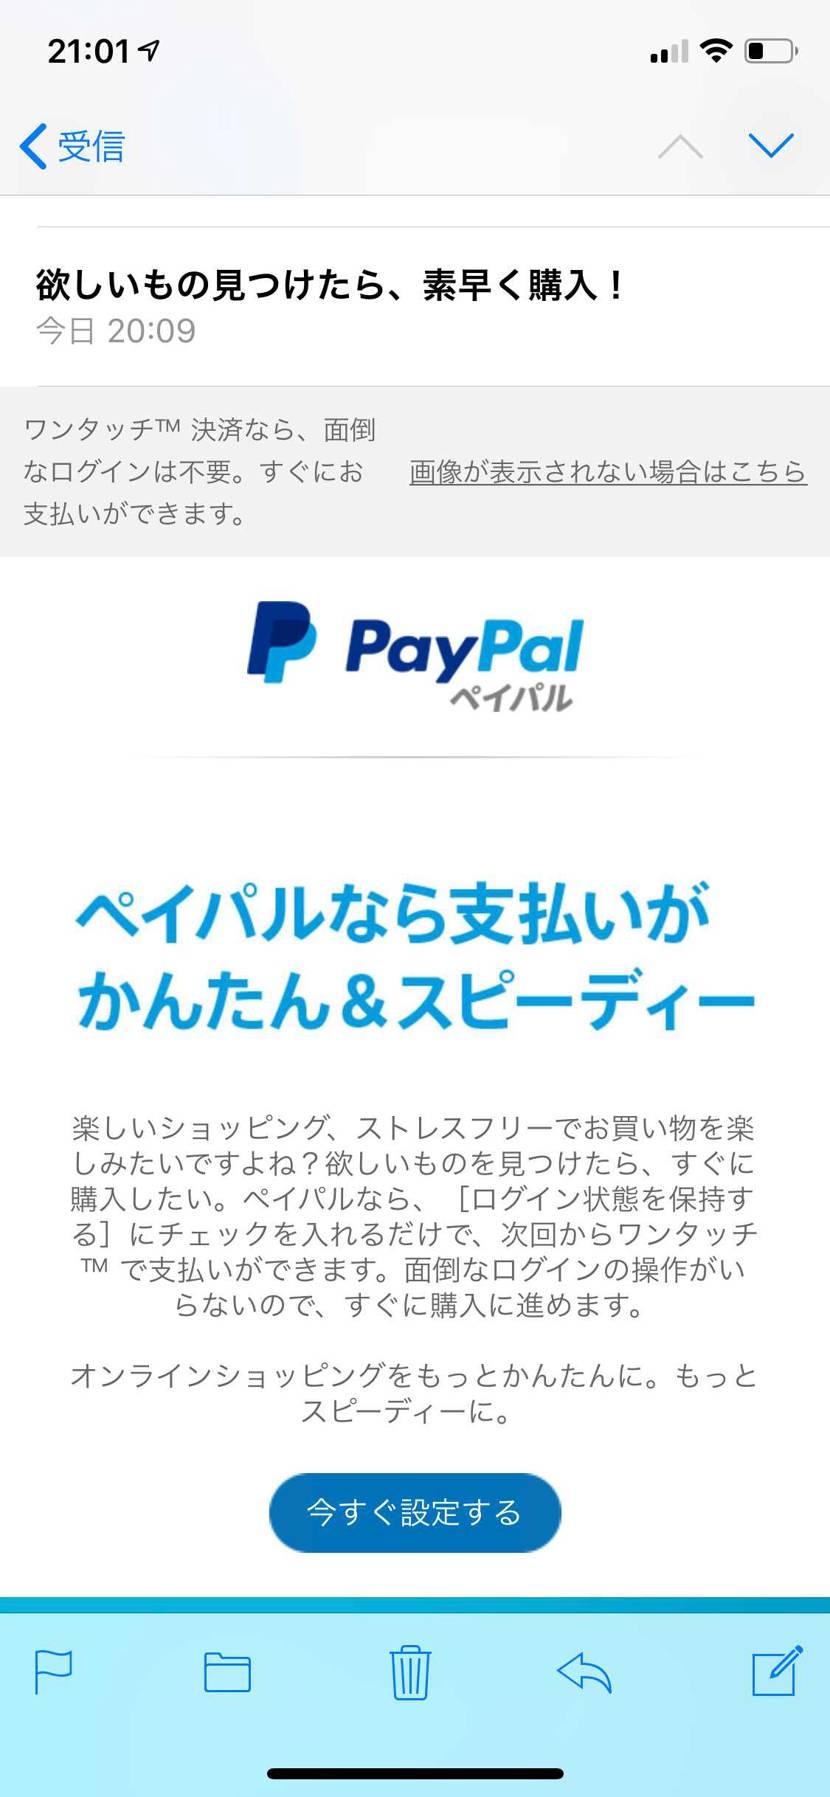 紛らわしいメール来んなよ😫#nike #スニーカー好き #スニーカー #payp